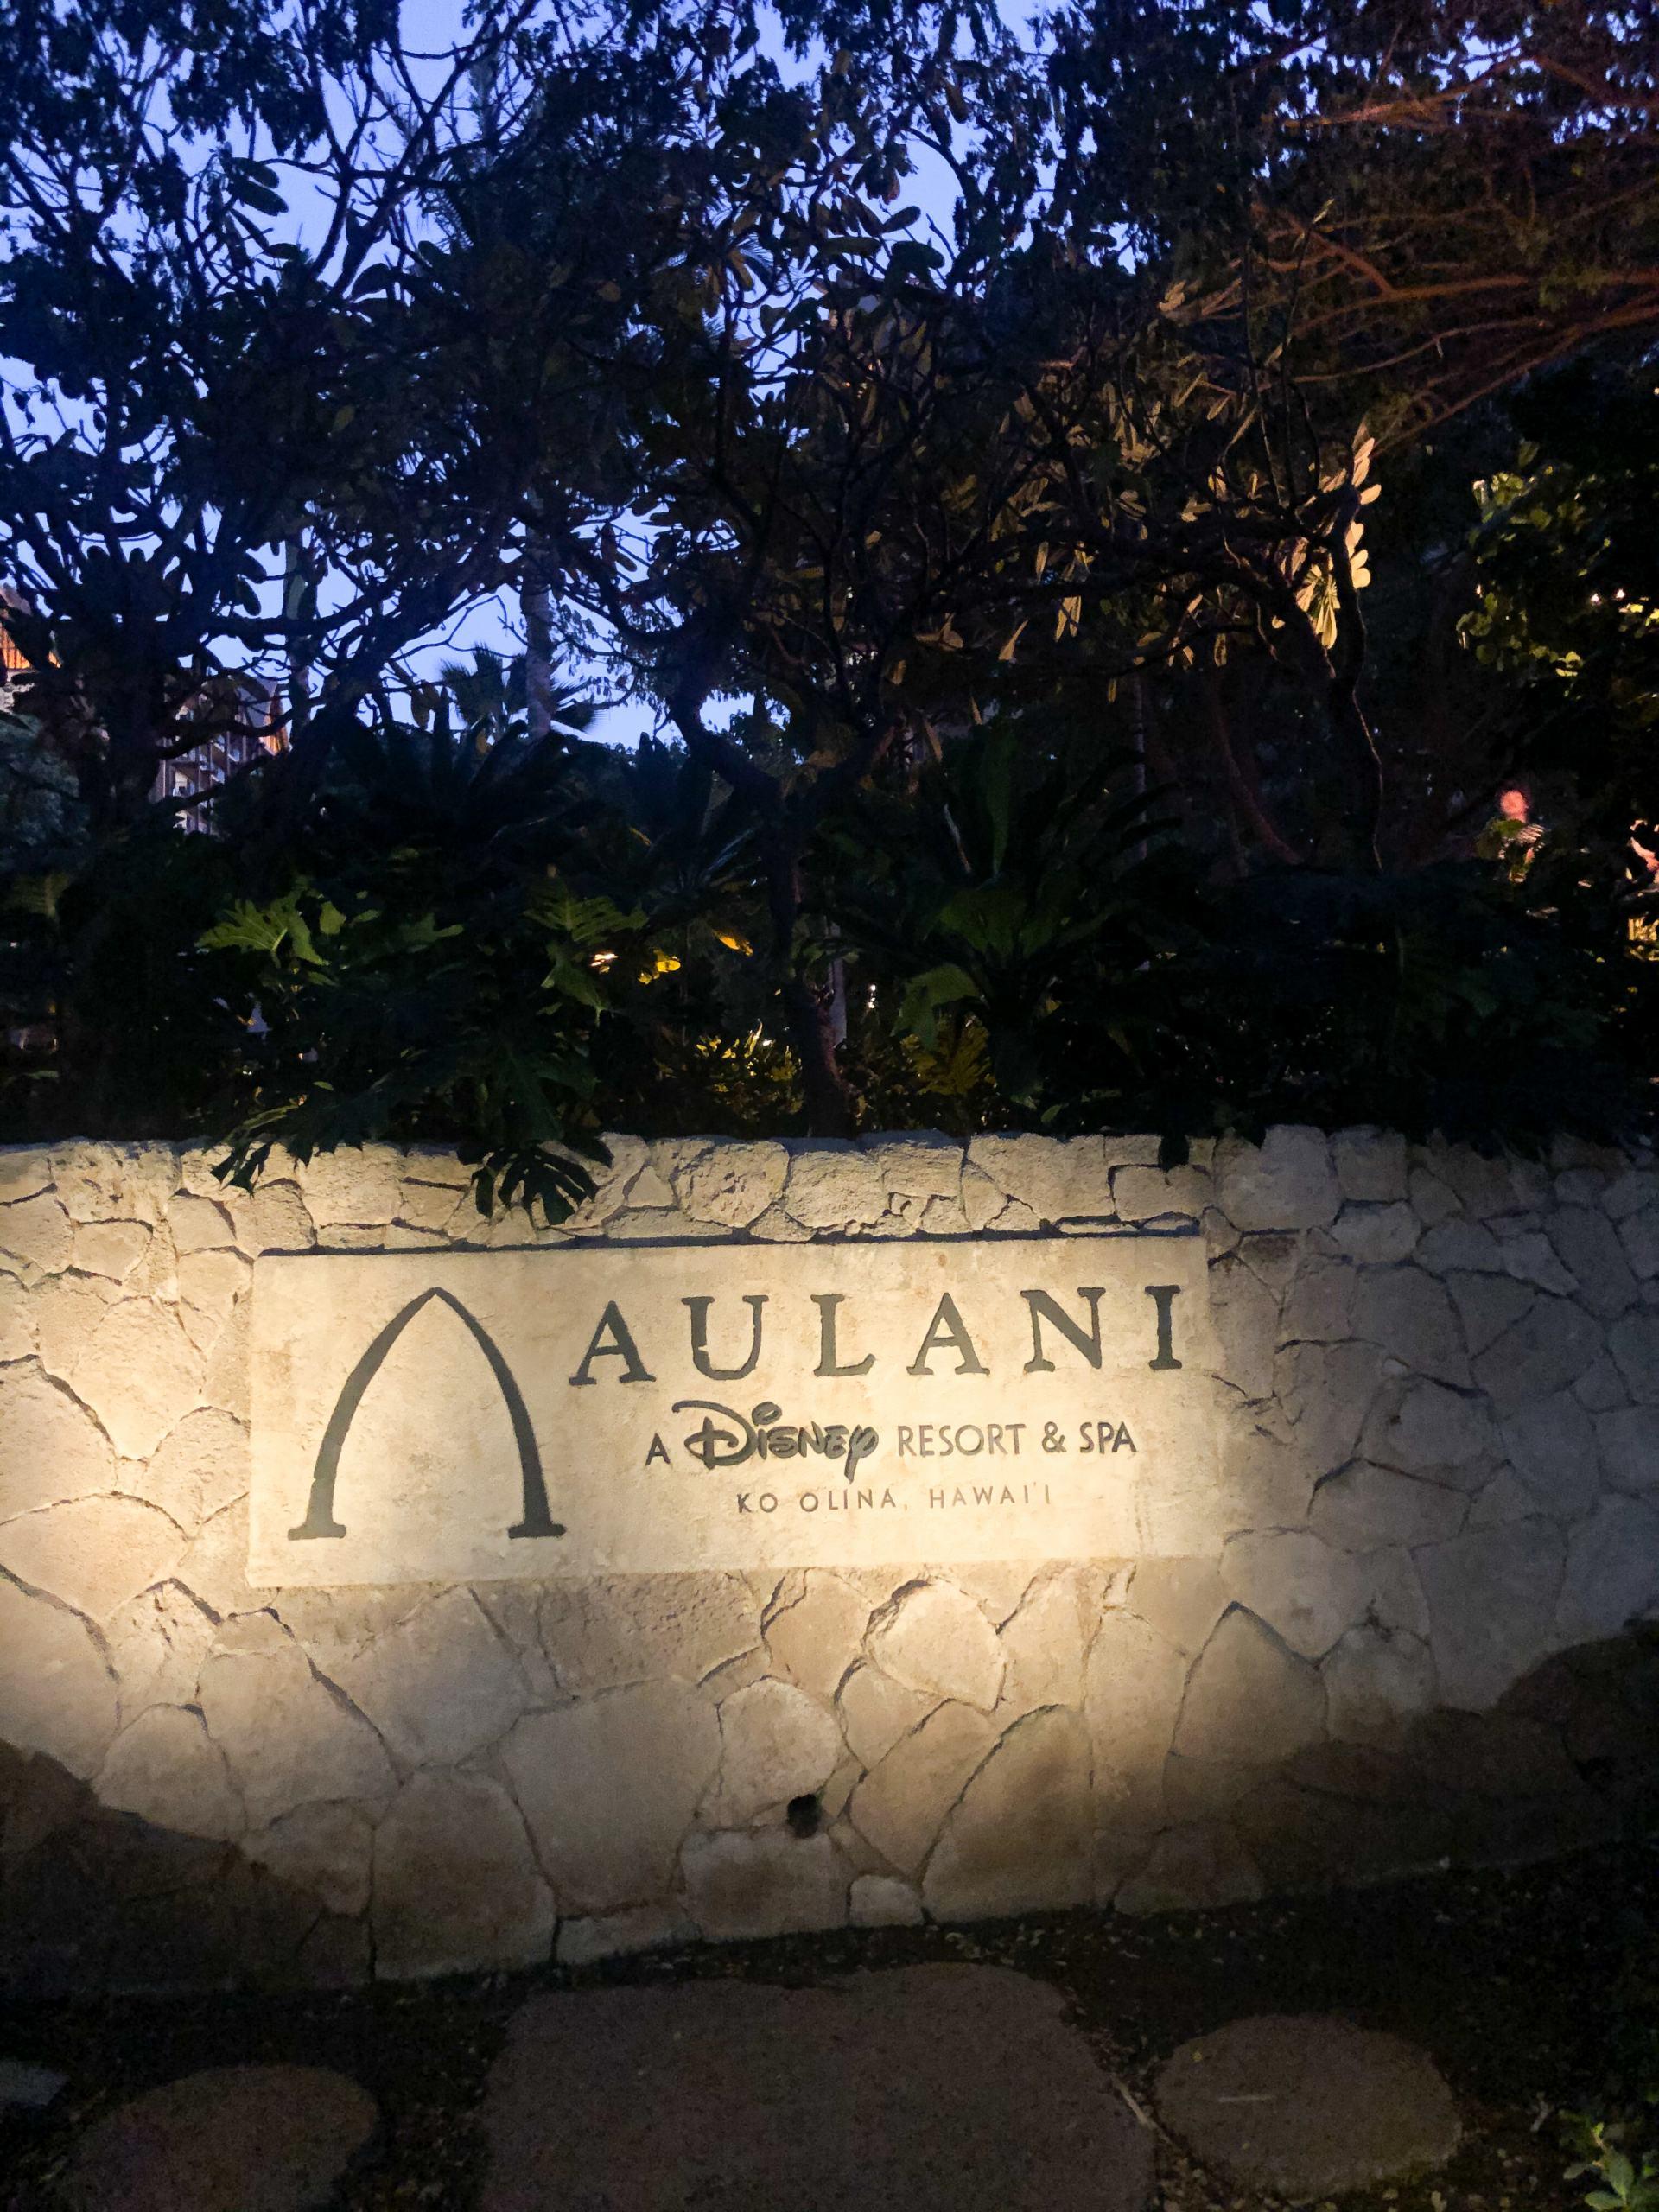 aulani - disney aulani - aulani resort - aulani disney resort - aulani hawaii - aulani a disney resort and spa - aulani hotel - aulani resort hawaii - family friendly hawaii vacation